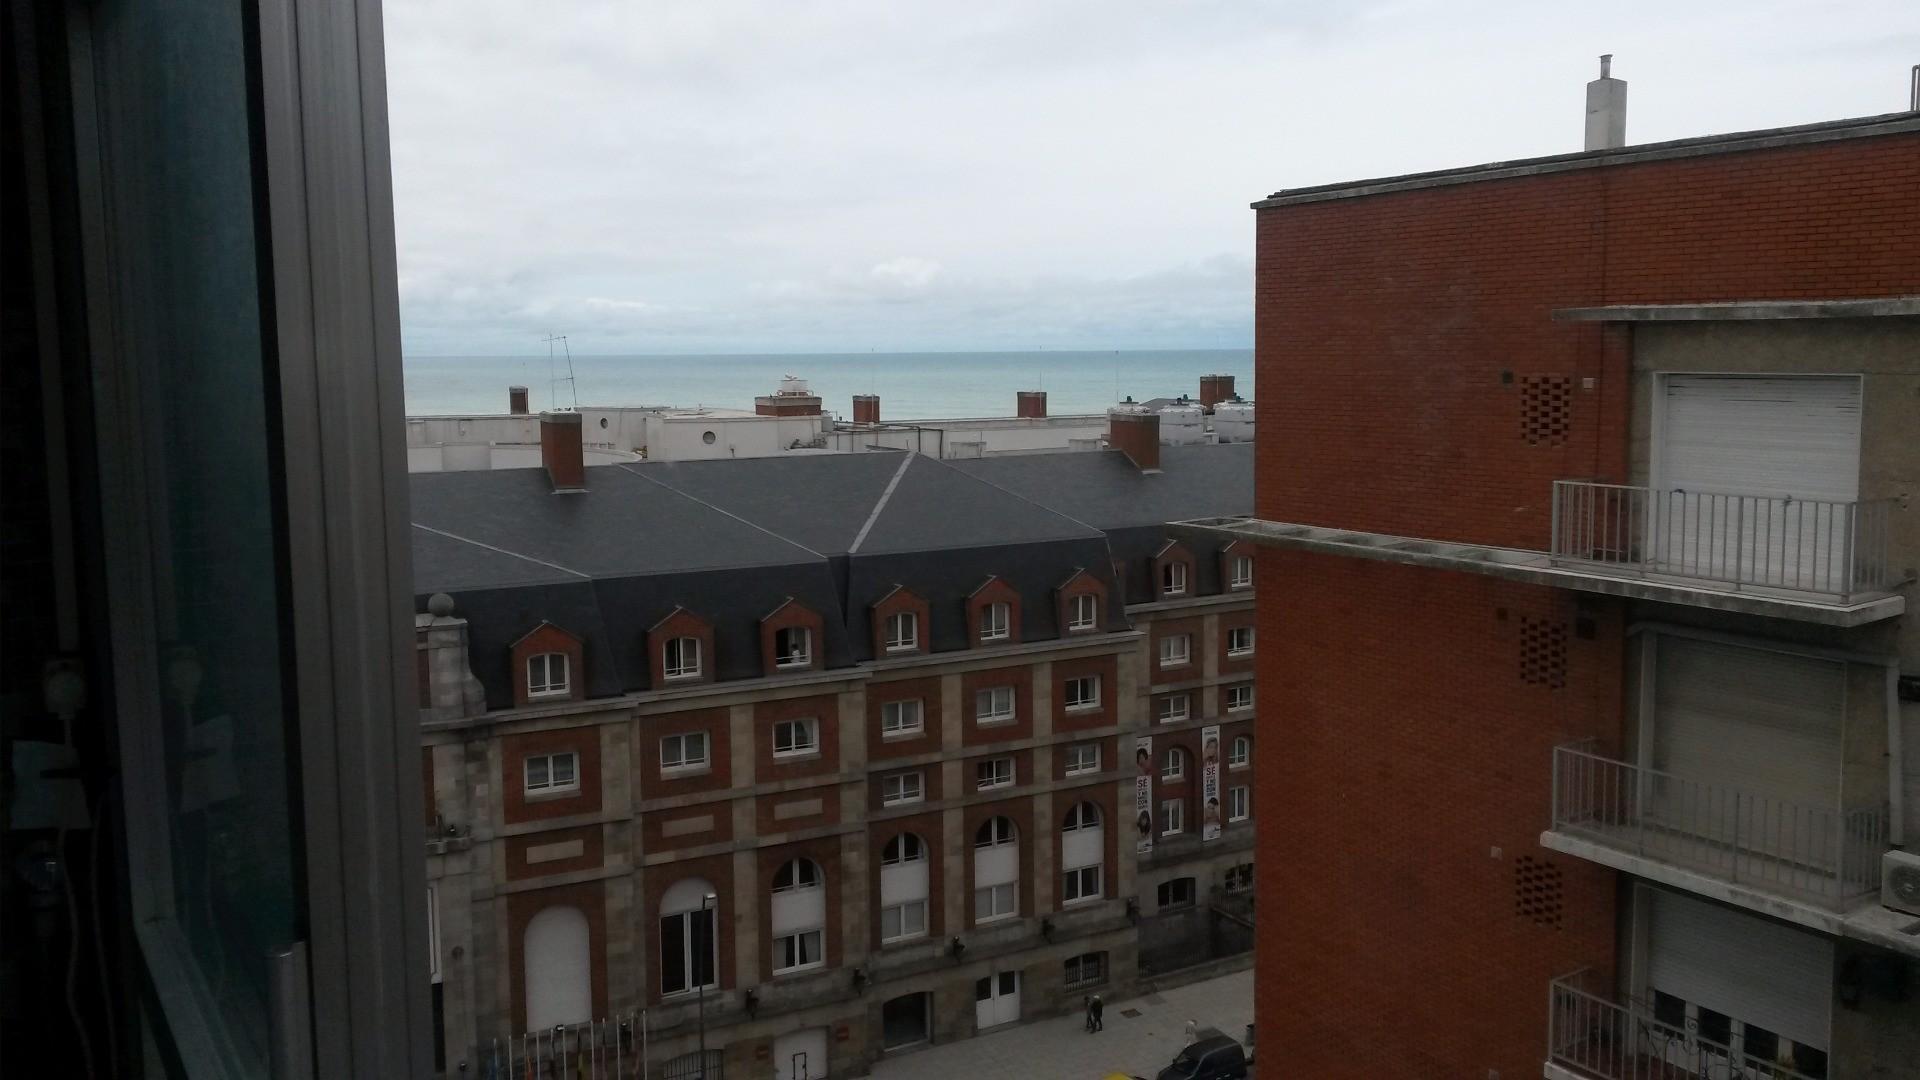 2 amb.a la calle con balcon corrido, frente al Hotel Provincial. OPORTUNIDAD!!!